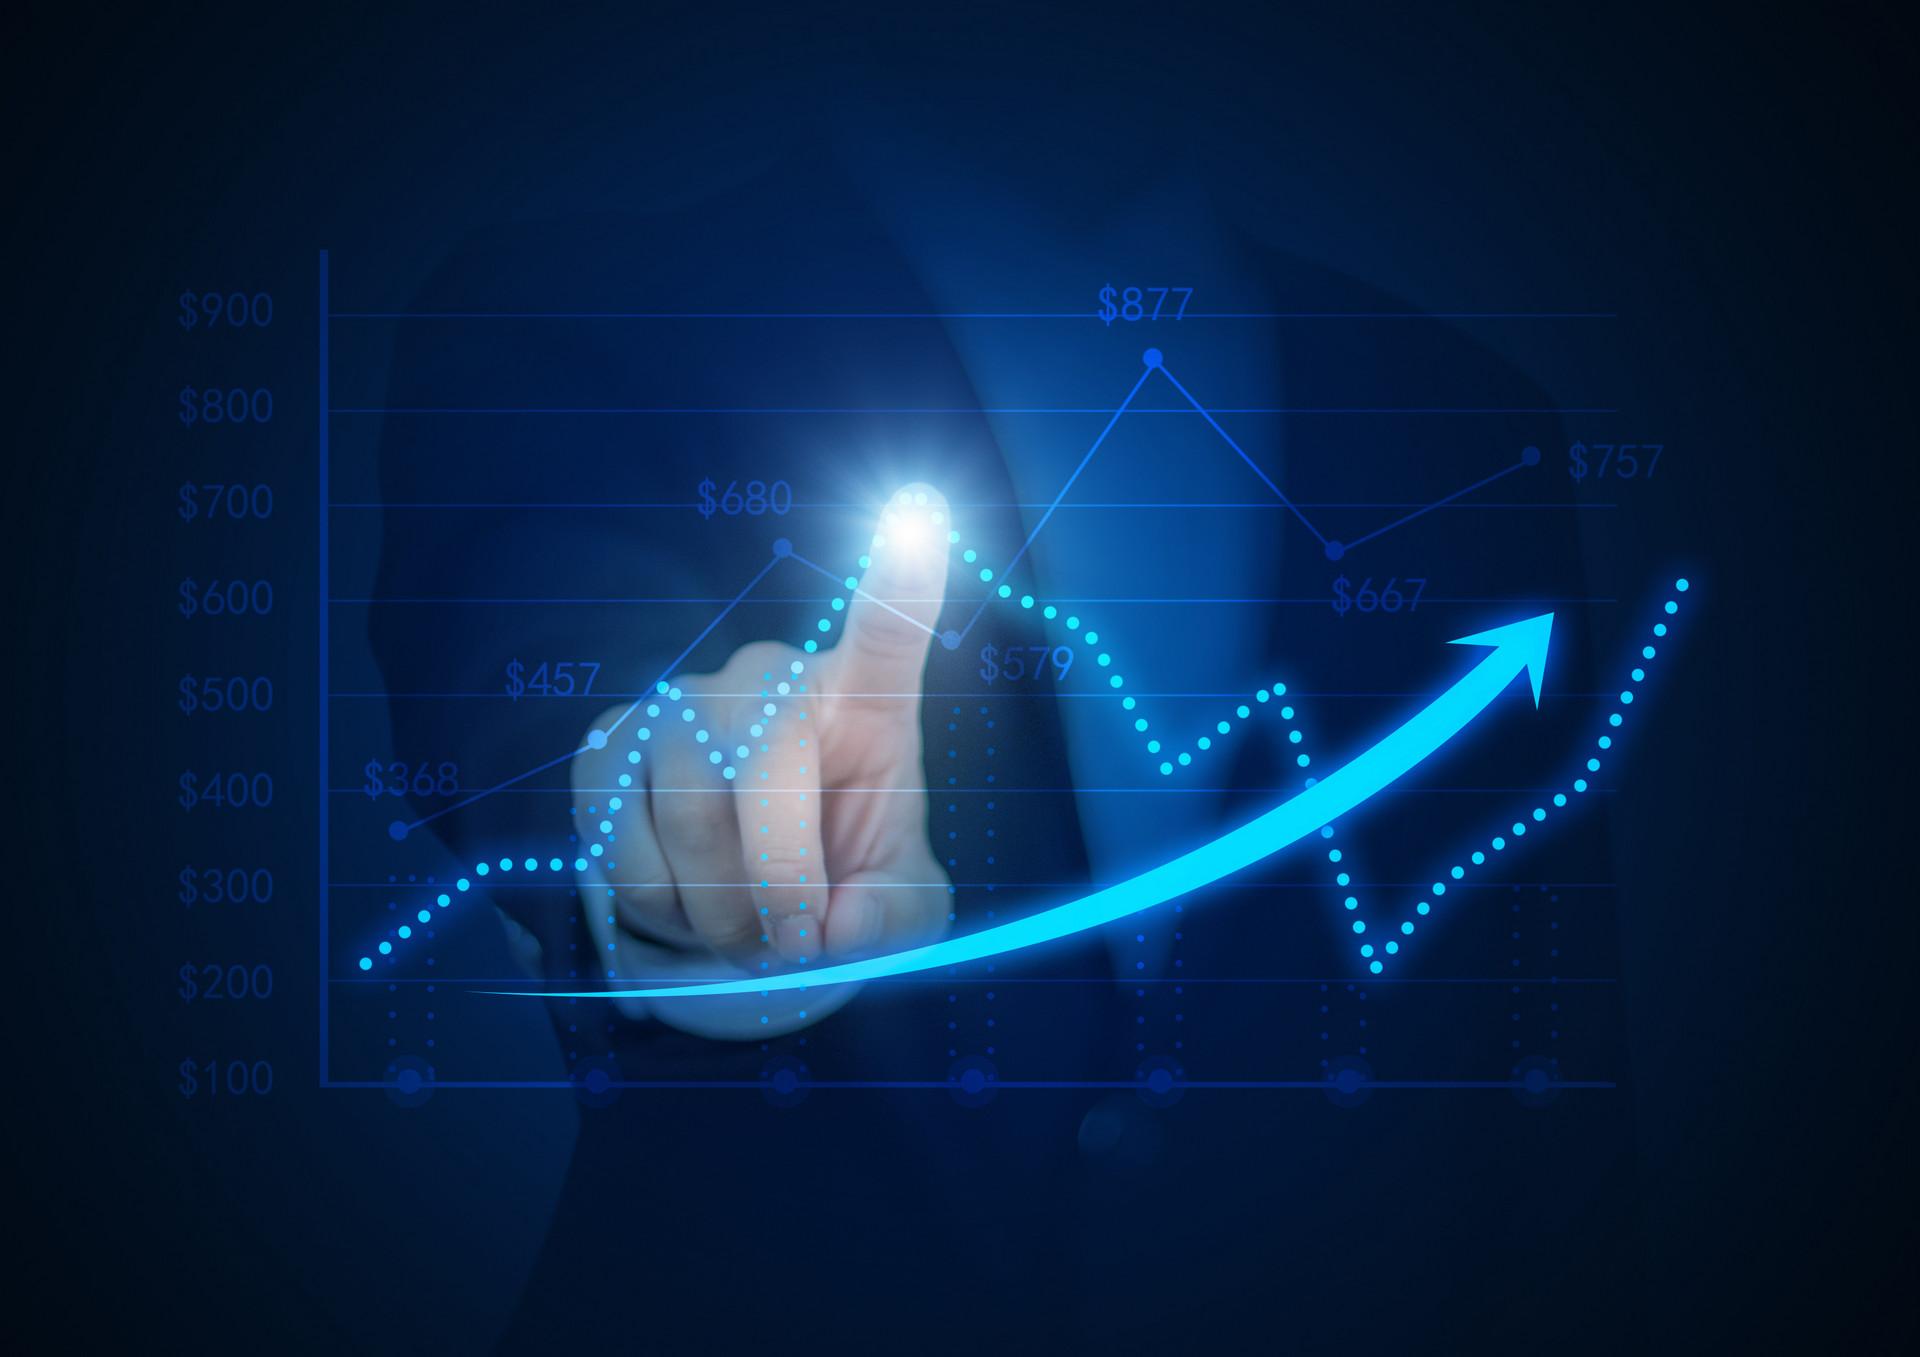 三大证券报精编:守底线补短板 防风险政策工具充足